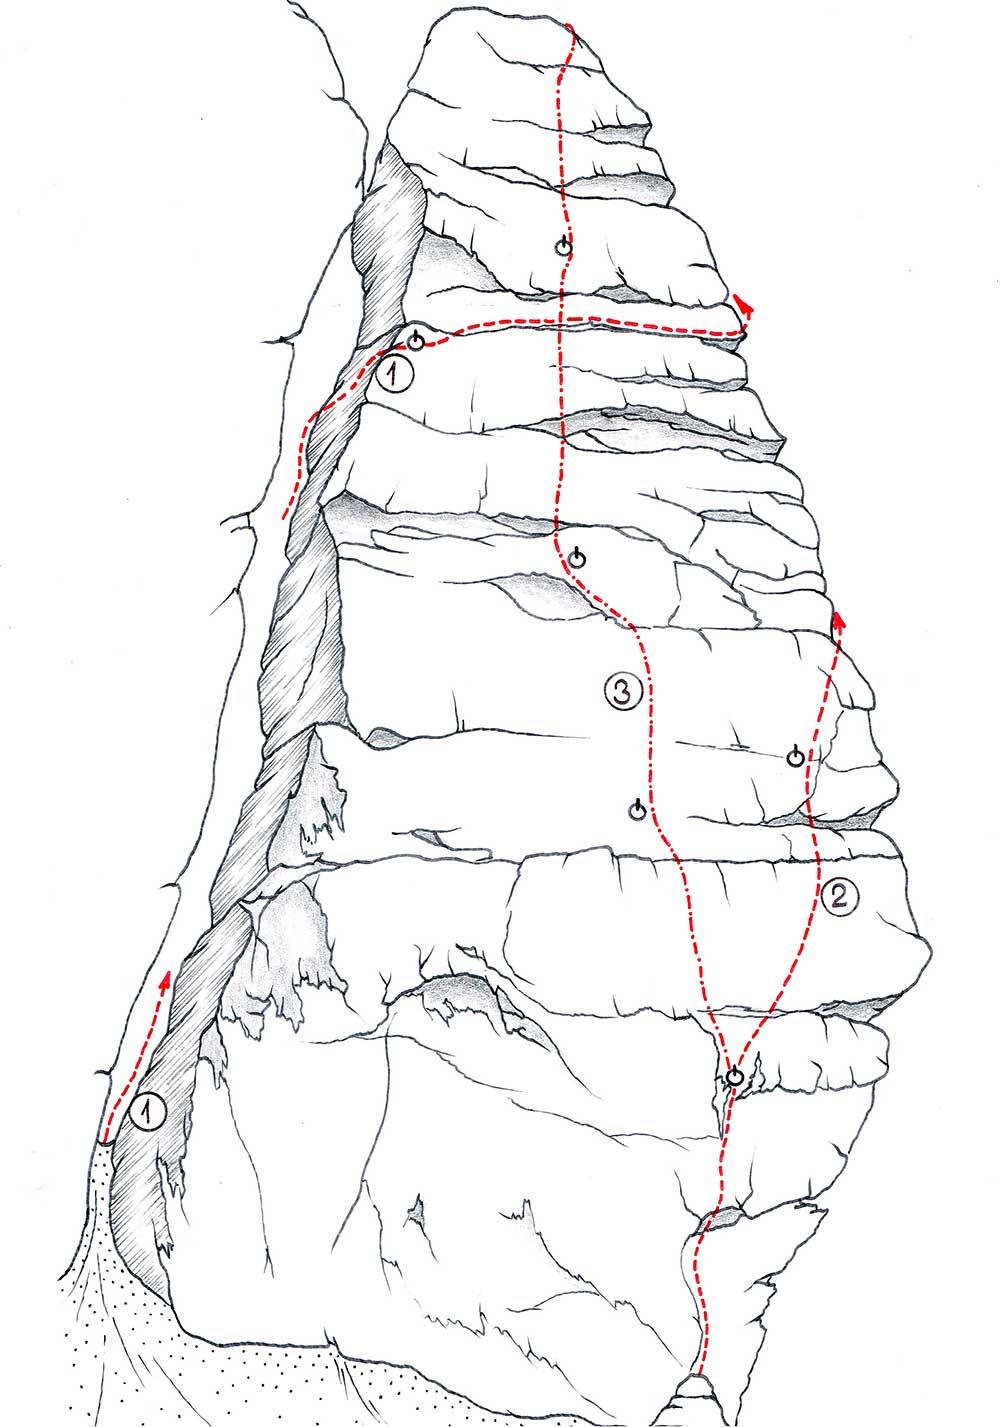 Welzenbachova věž - severní stěna 1 - Údolní cesta - VI 2 - Nanga Parbat 34 - VIIb 3 - Ohníčkáři - VIIIb